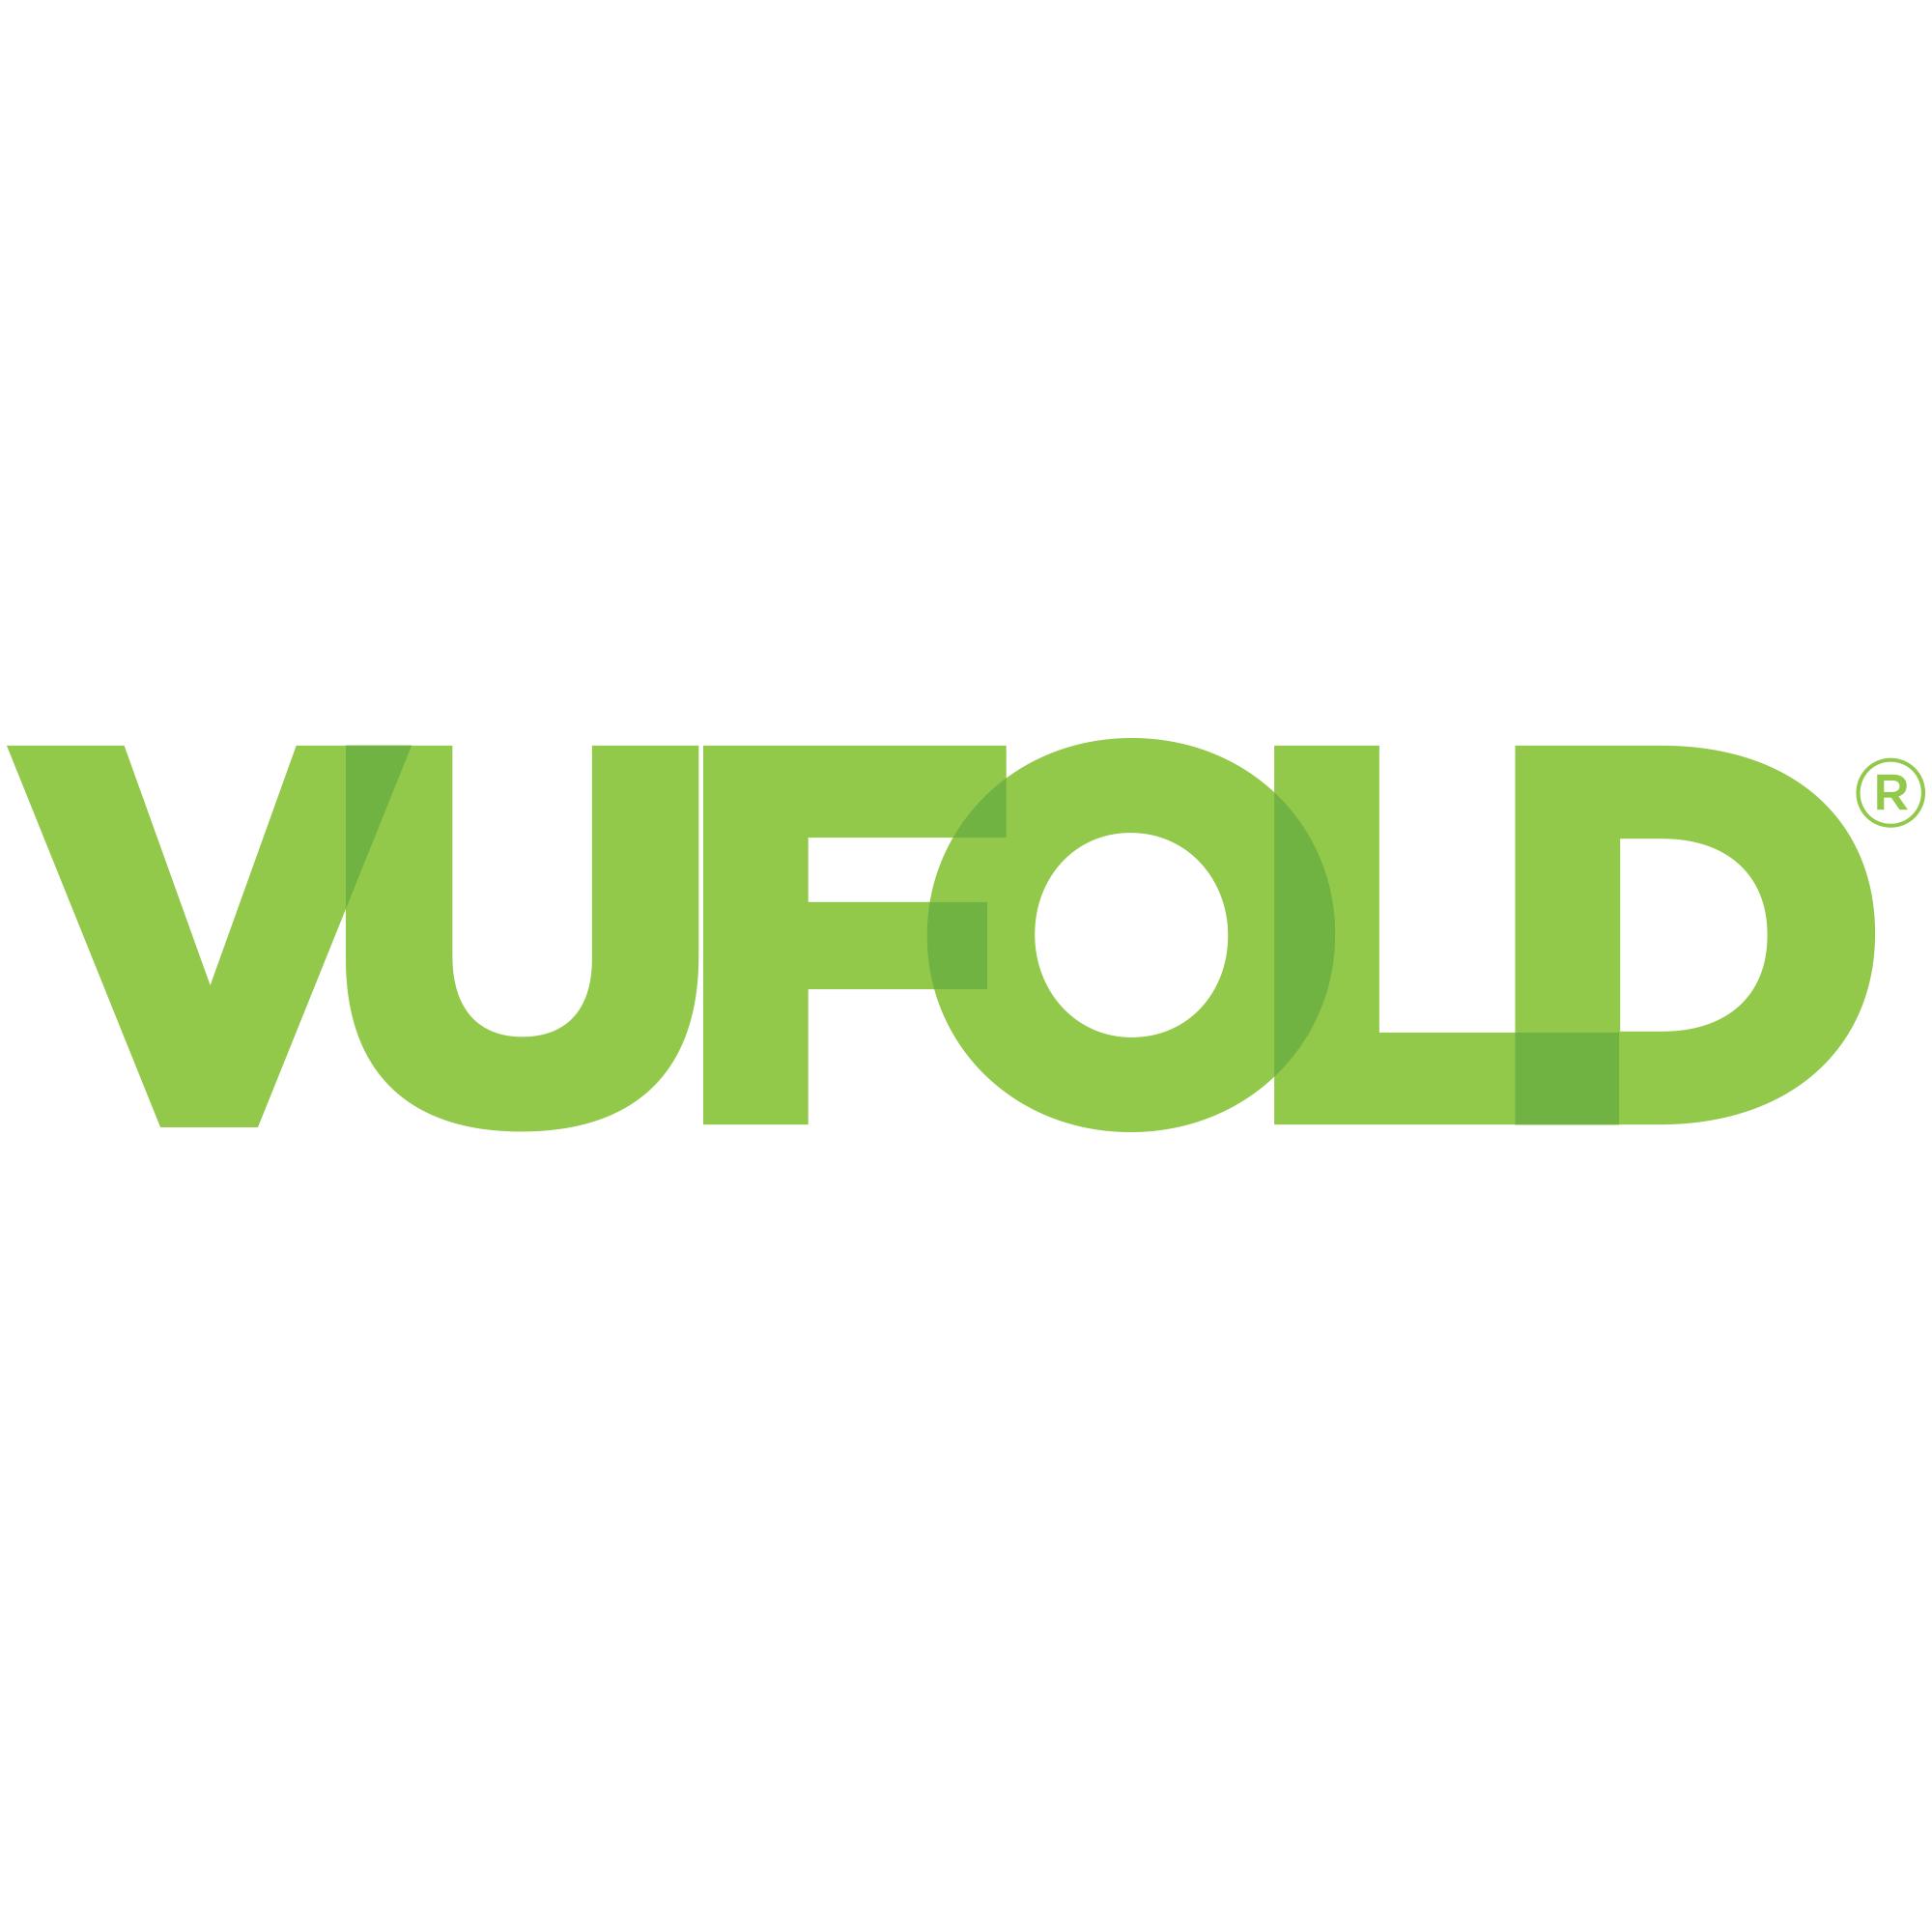 vufold.co.uk